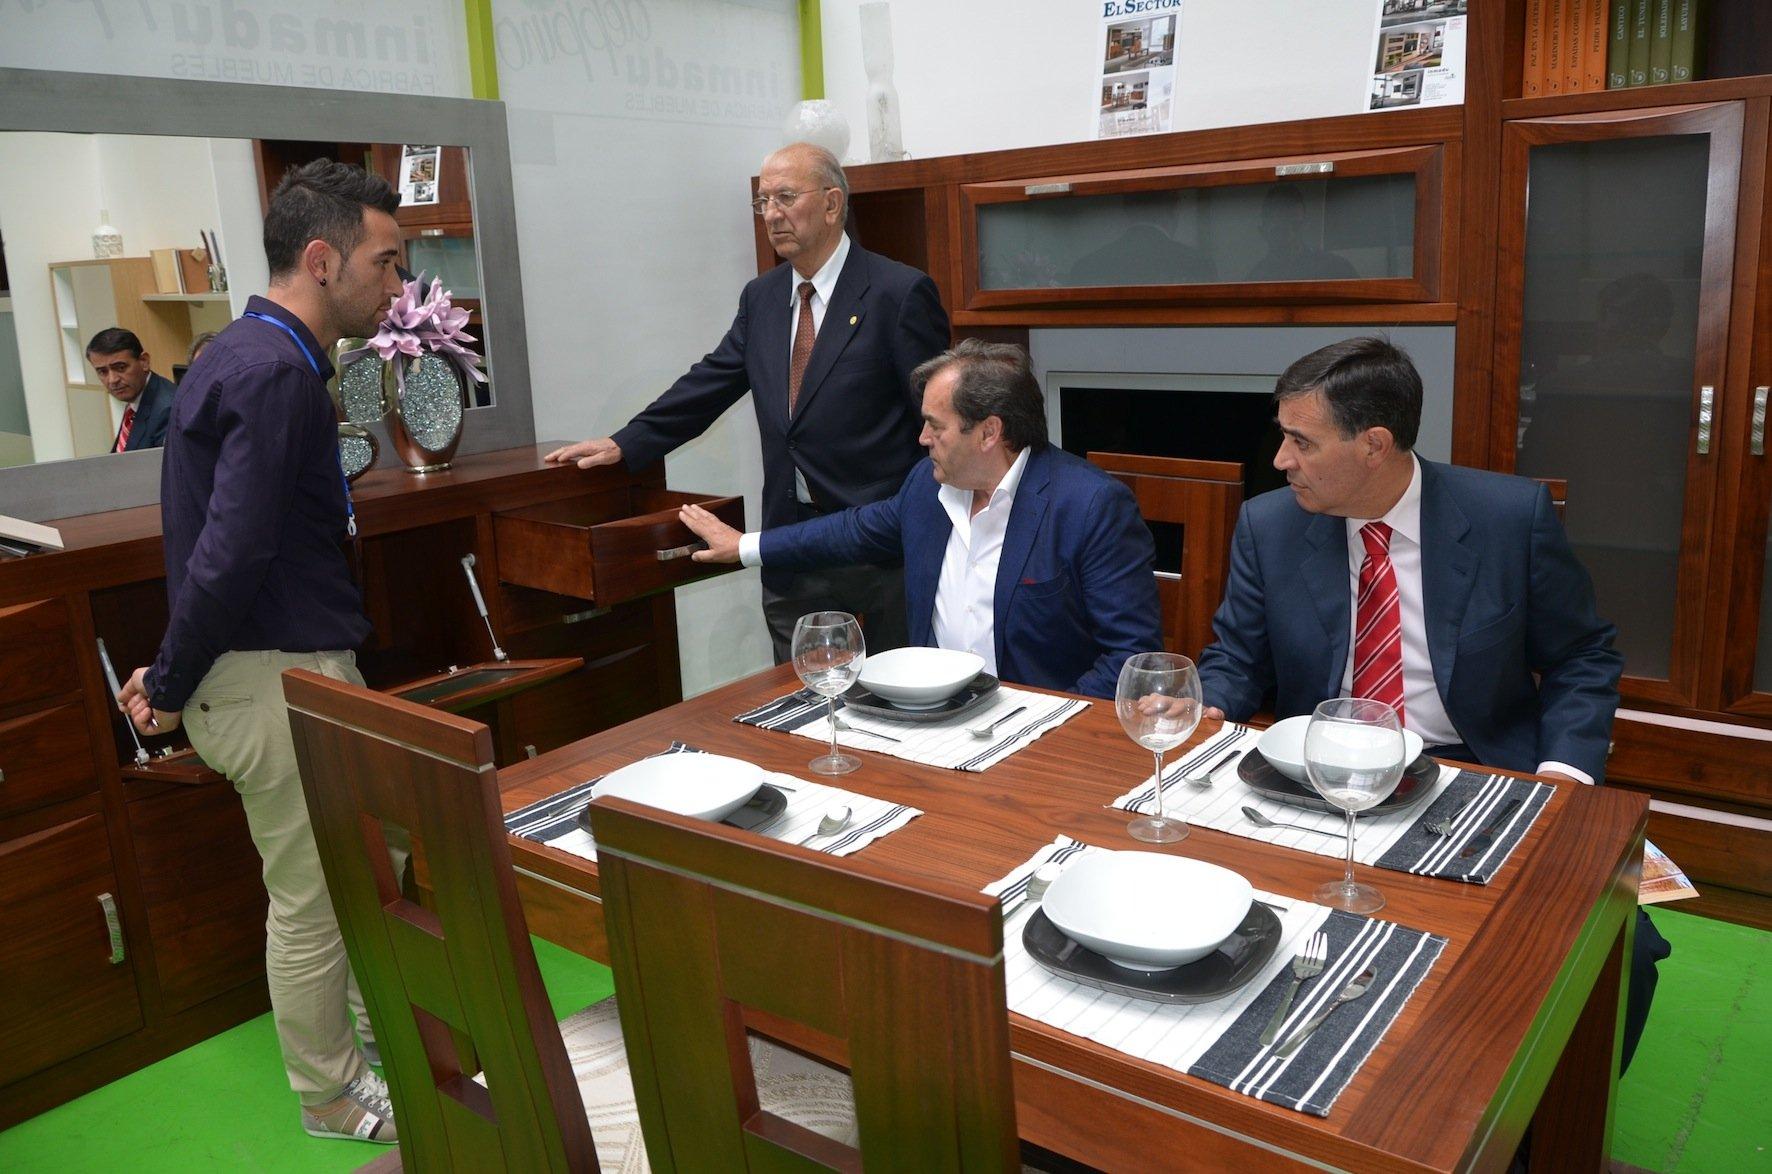 El Ayuntamiento De Duruelo Confirma Los D As 10 11 Y 12 De Junio  # Muebles Duruelo De La Sierra